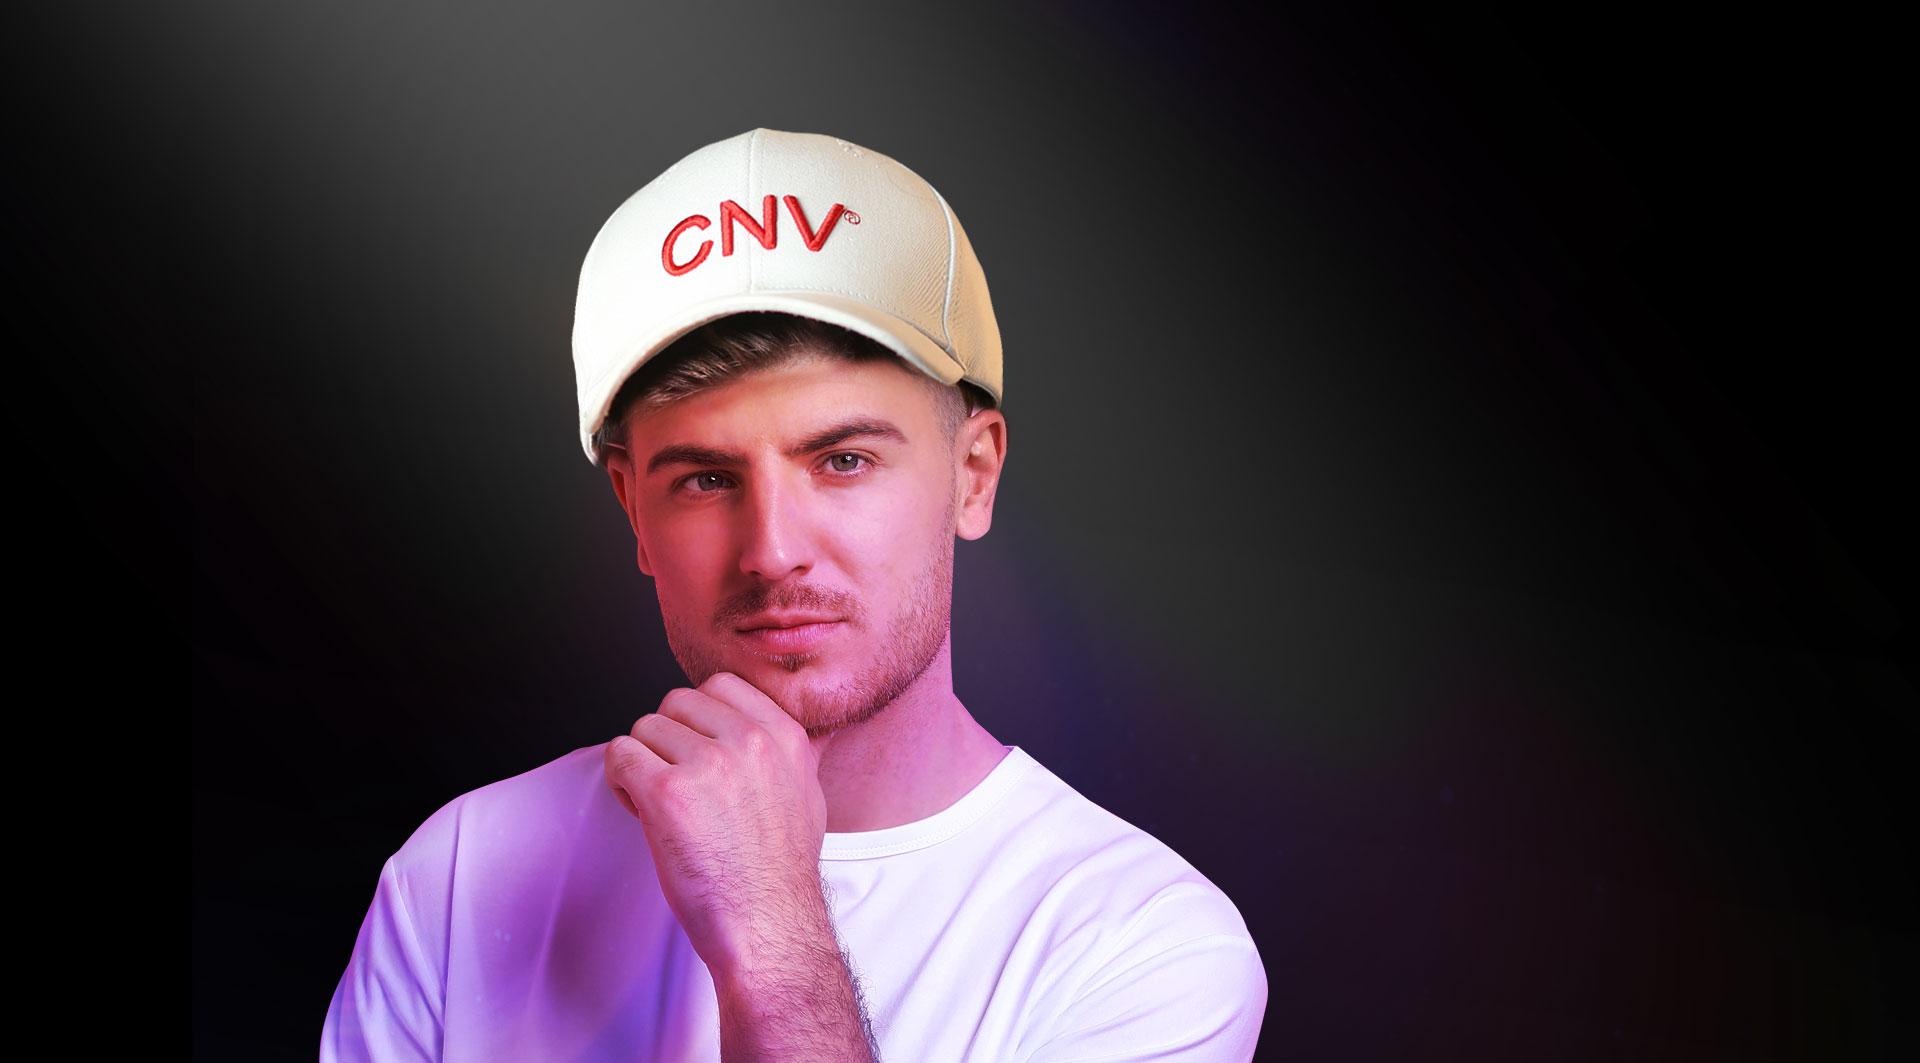 Weiße CNV 288 Mobile Laser Therapy Kappe Haarwuchs Behandlung für Männer und Frauen Haarausfa